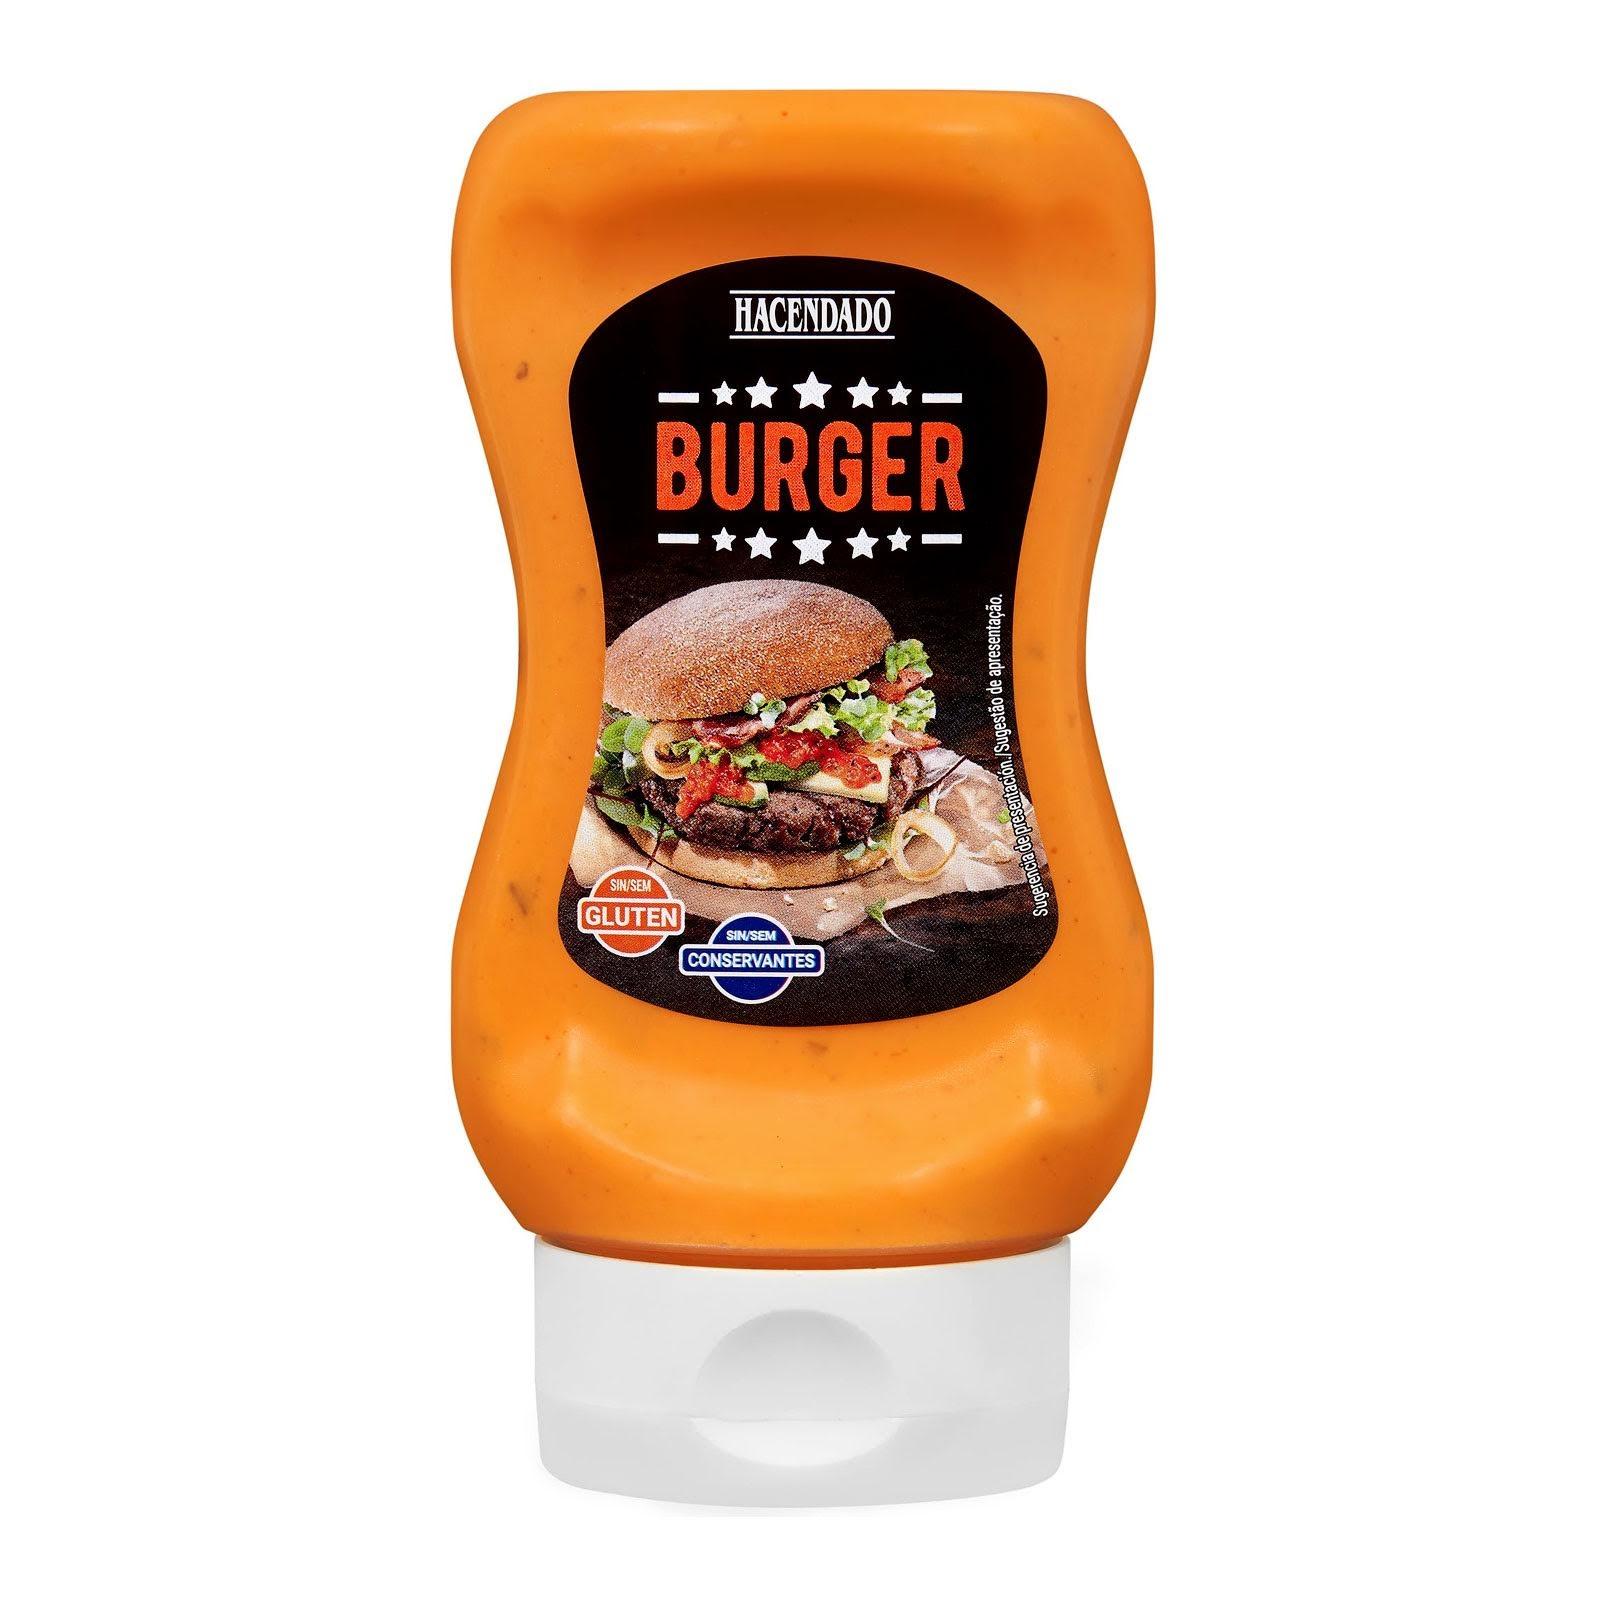 Salsa burger Hacendado